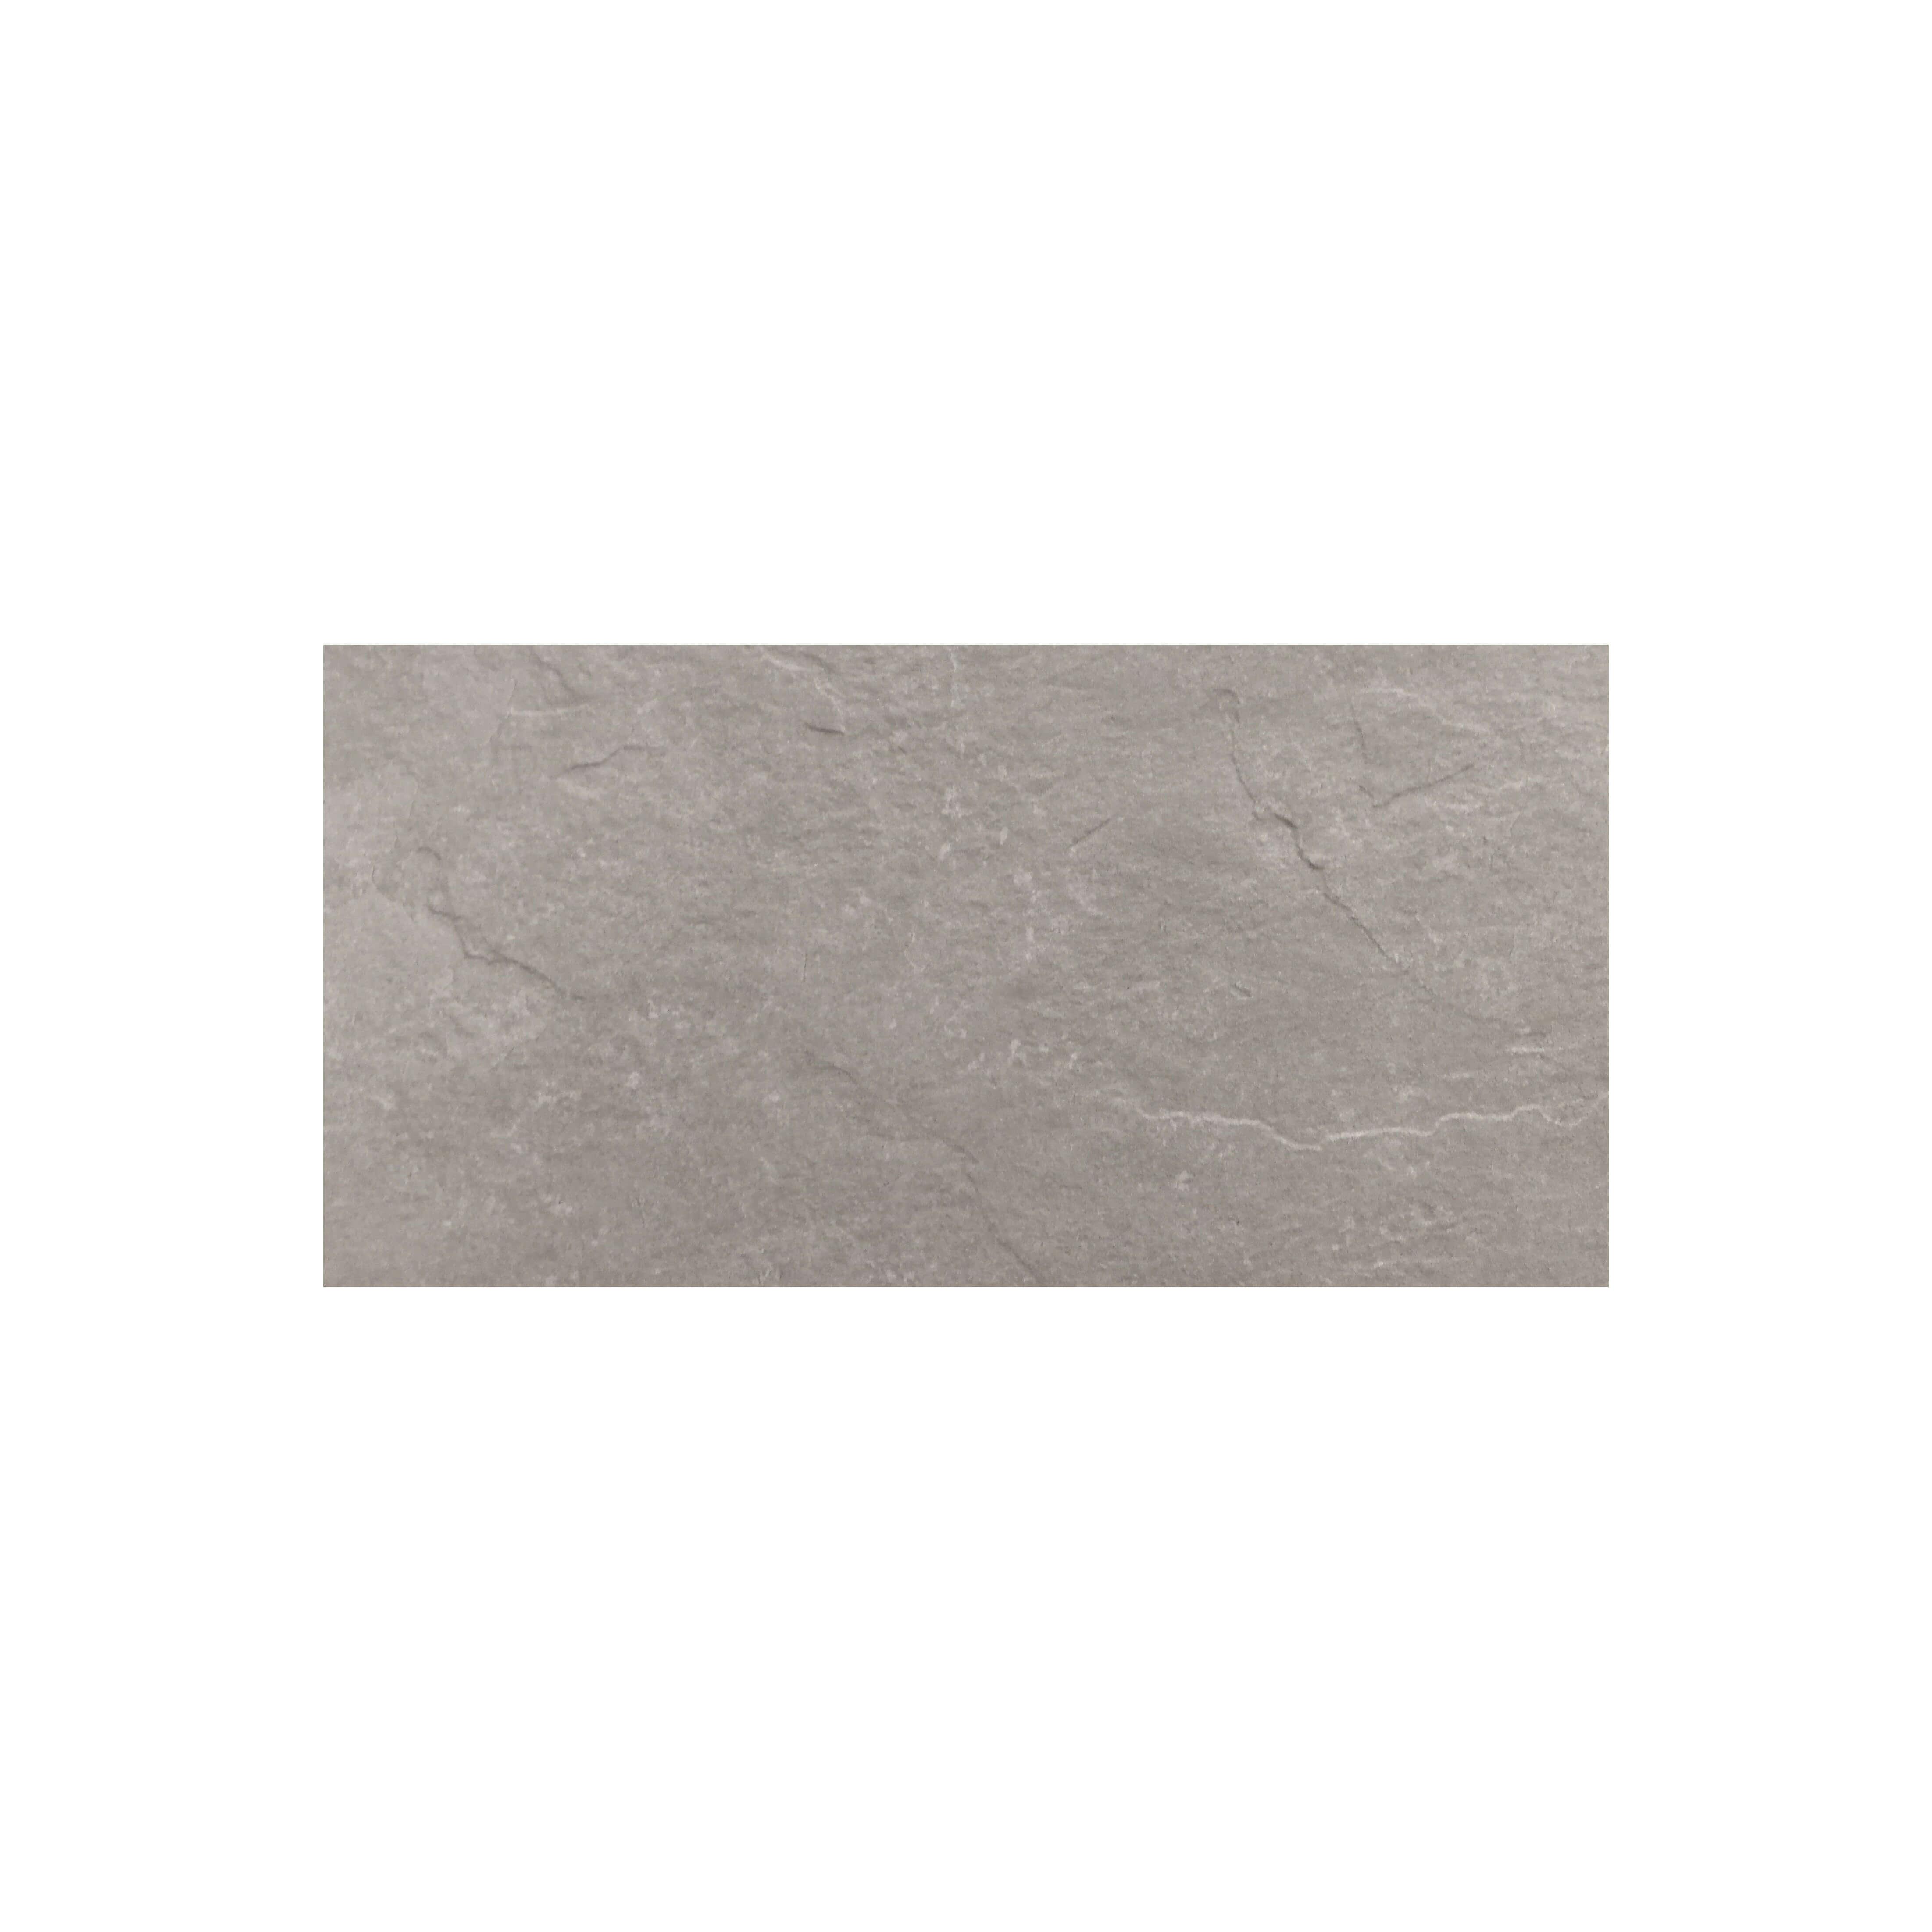 Carrelage sol et mur extérieur aspect ardoise Brio Gris antidérapant 30x60 cm